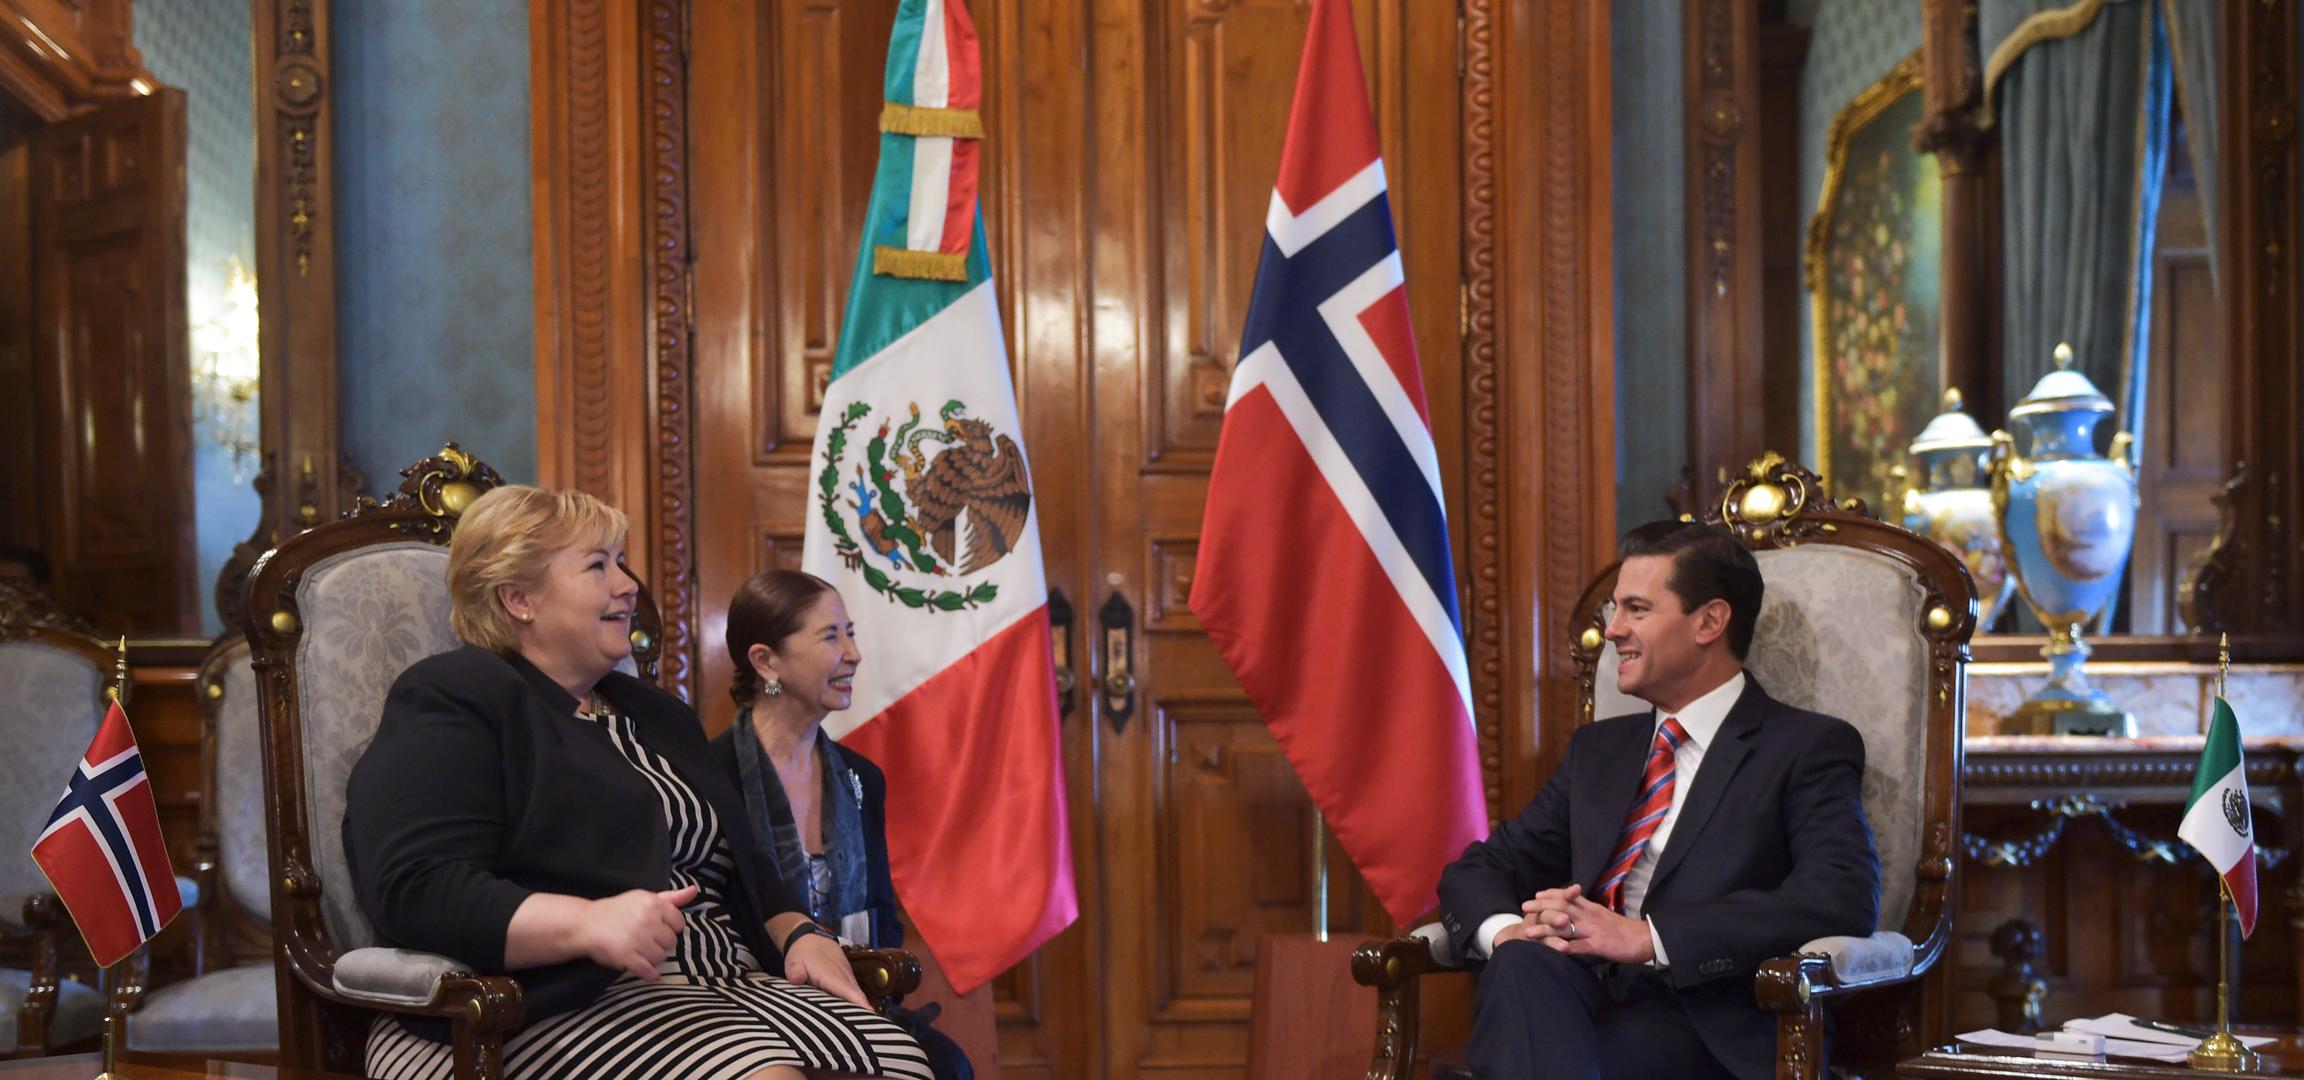 El Presidente Enrique Peña Nieto recibió este día a la Primera Ministra del Reino de Noruega, Erna Solberg, quien realiza una Visita Oficial.